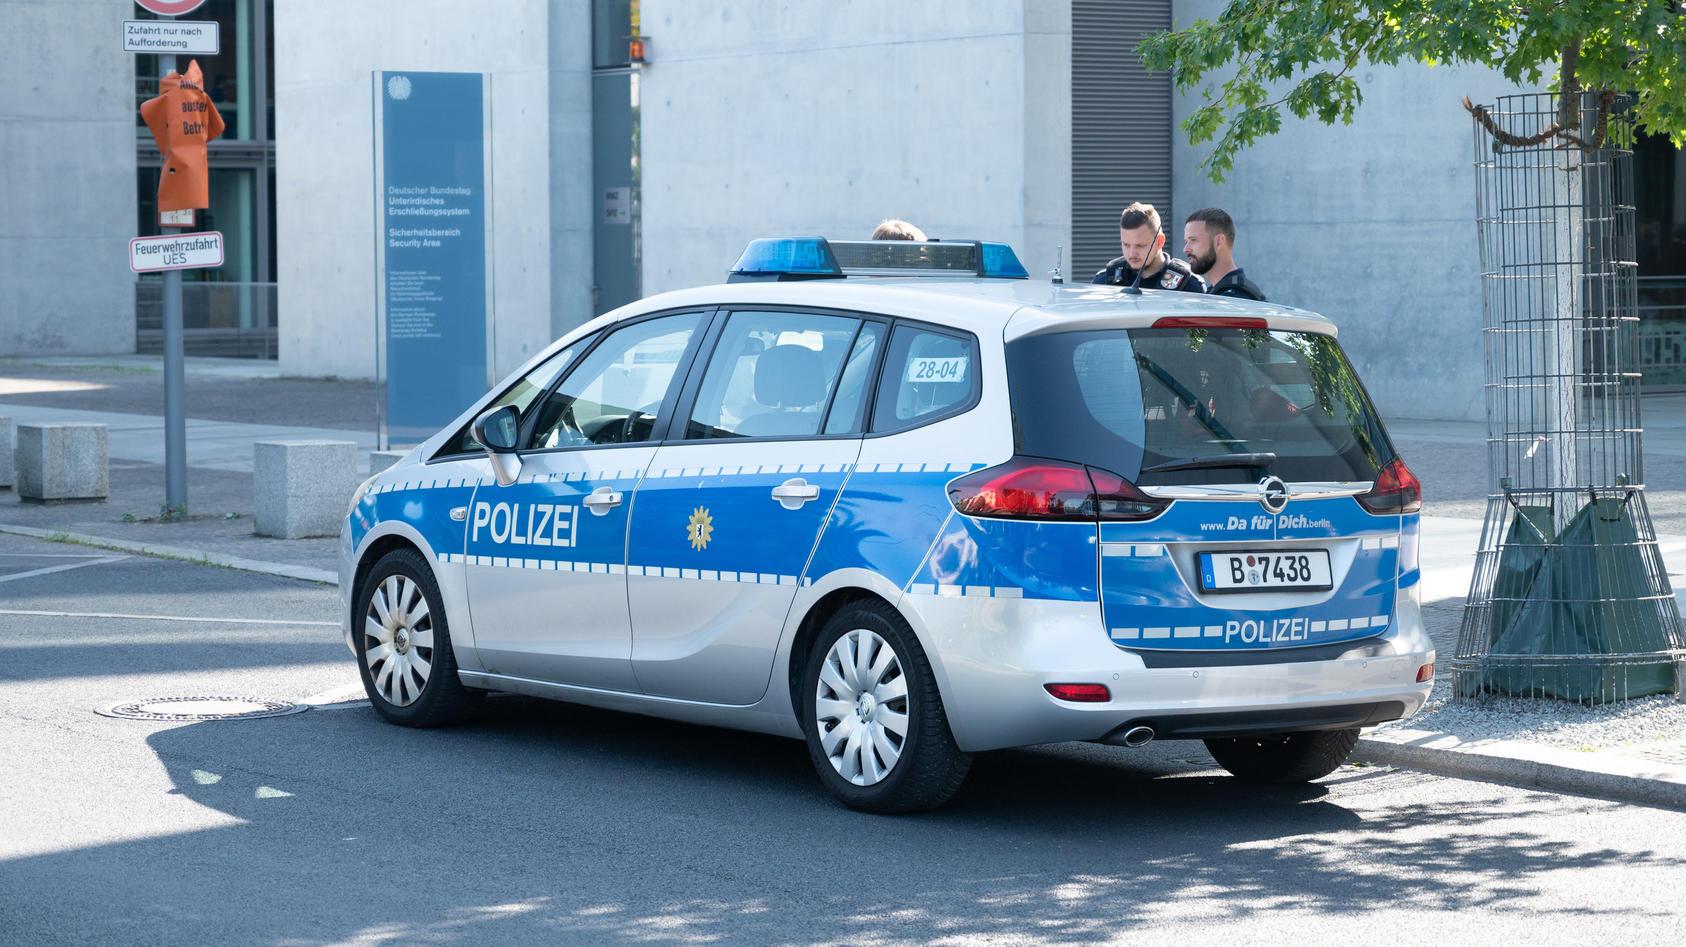 Verdächtiges Paket in Poststelle des Bundestags entdeckt